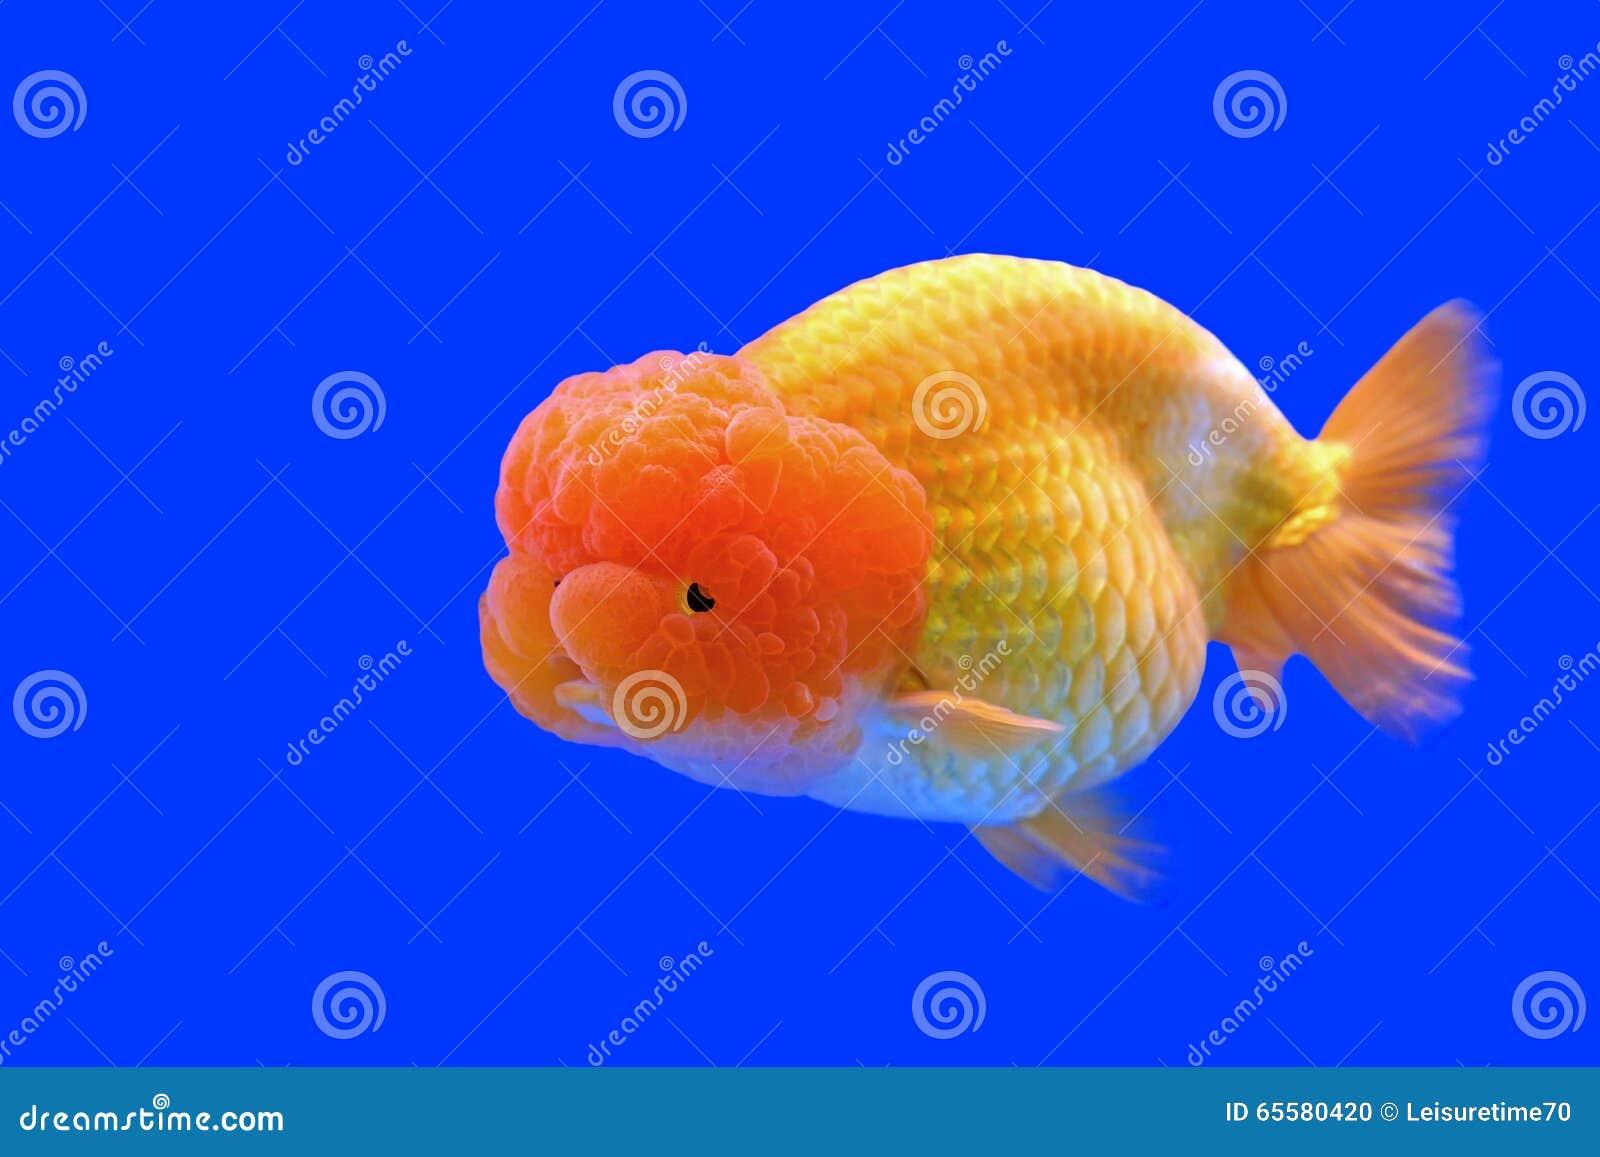 Ranchu ou peixe dourado principal do leão